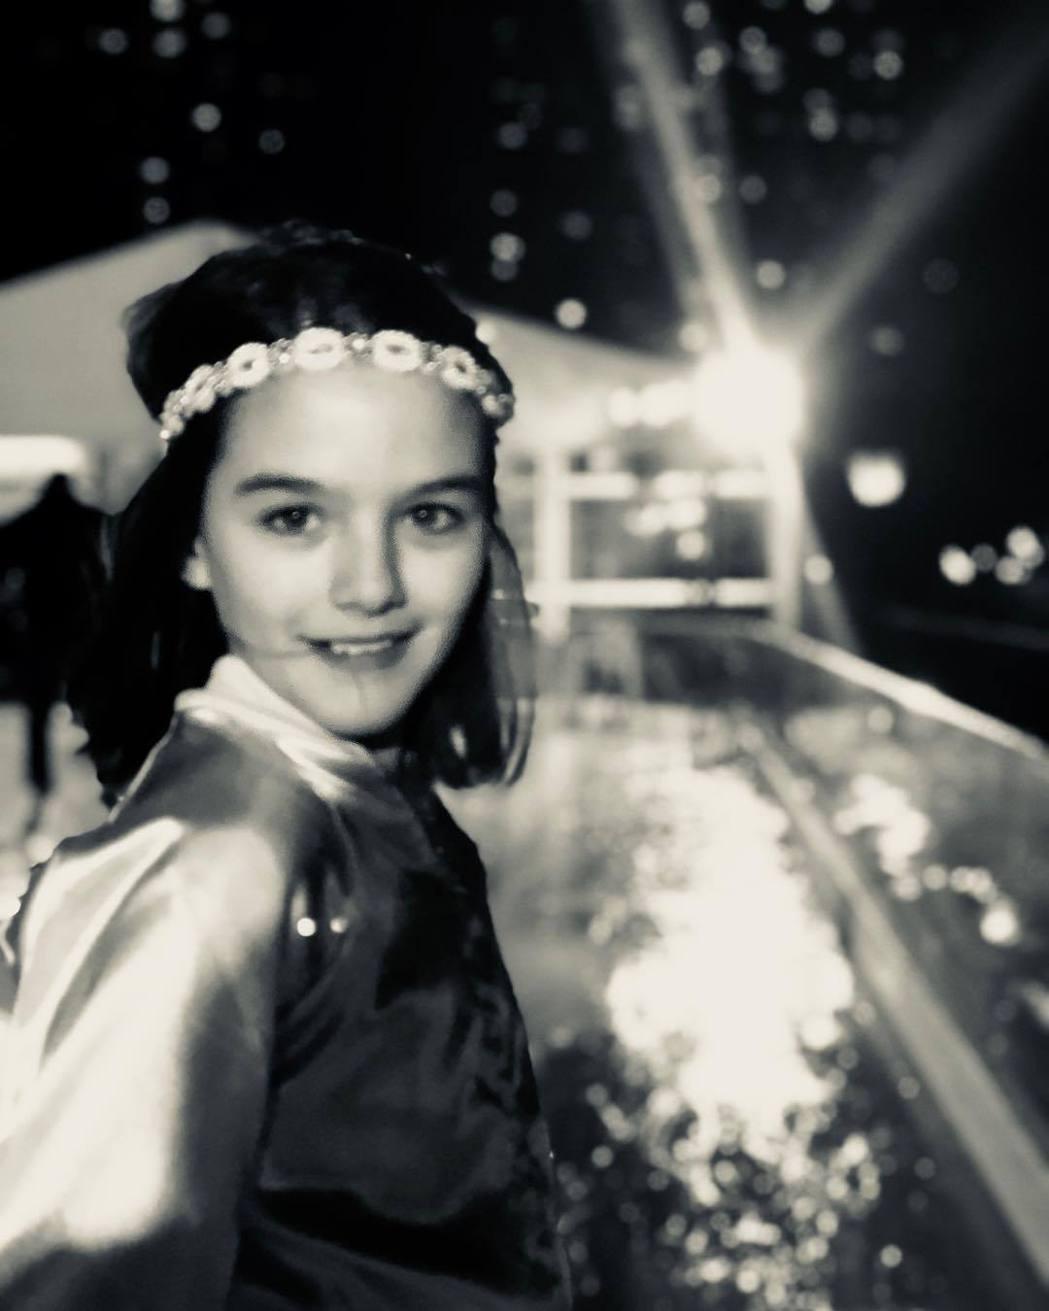 蘇蕊今年12歲,愈來愈像個小公主。圖/摘自Instagram